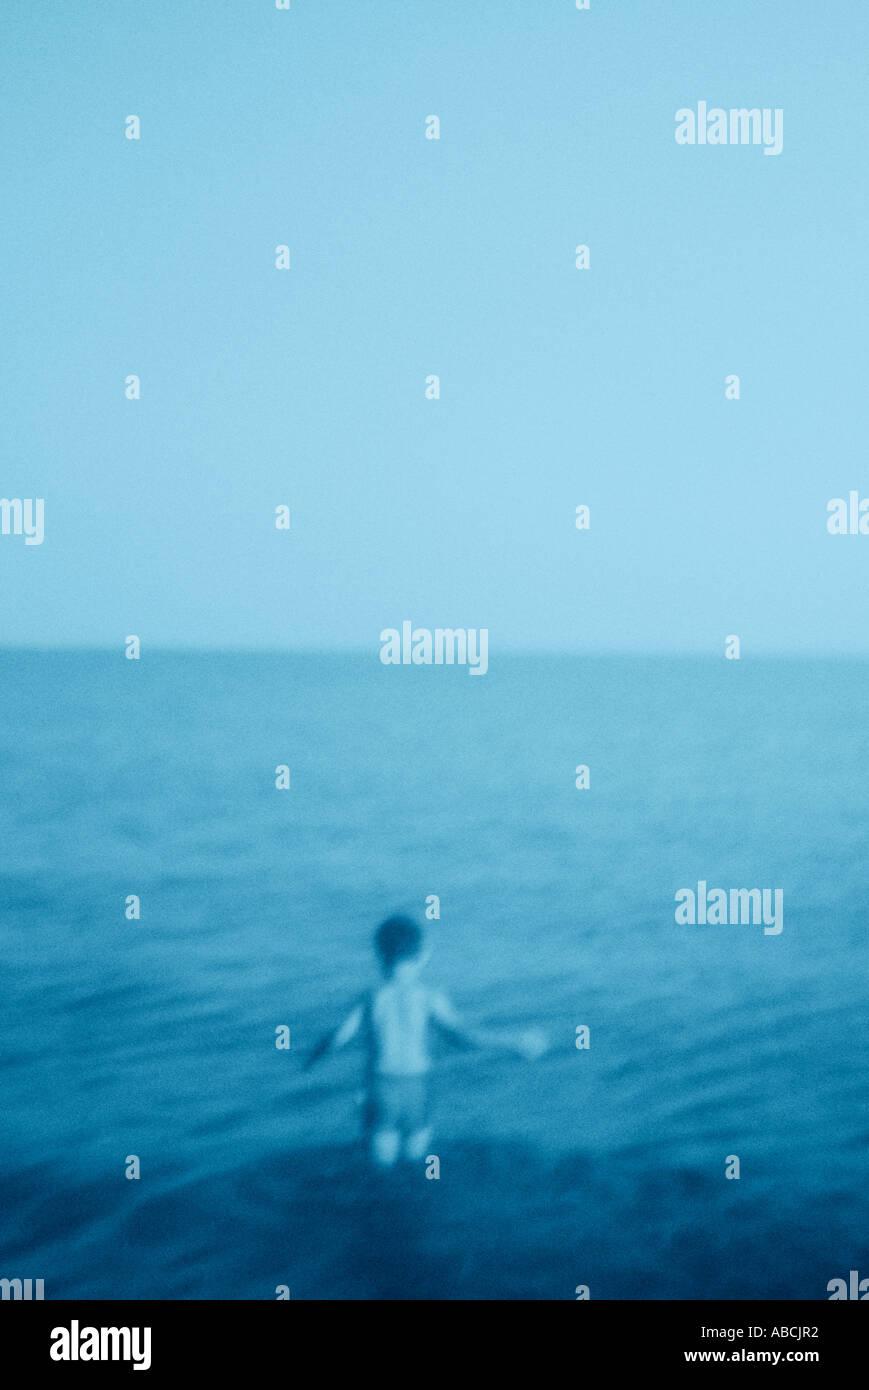 Joven vadeando en el mar (Cianotipo) Imagen De Stock